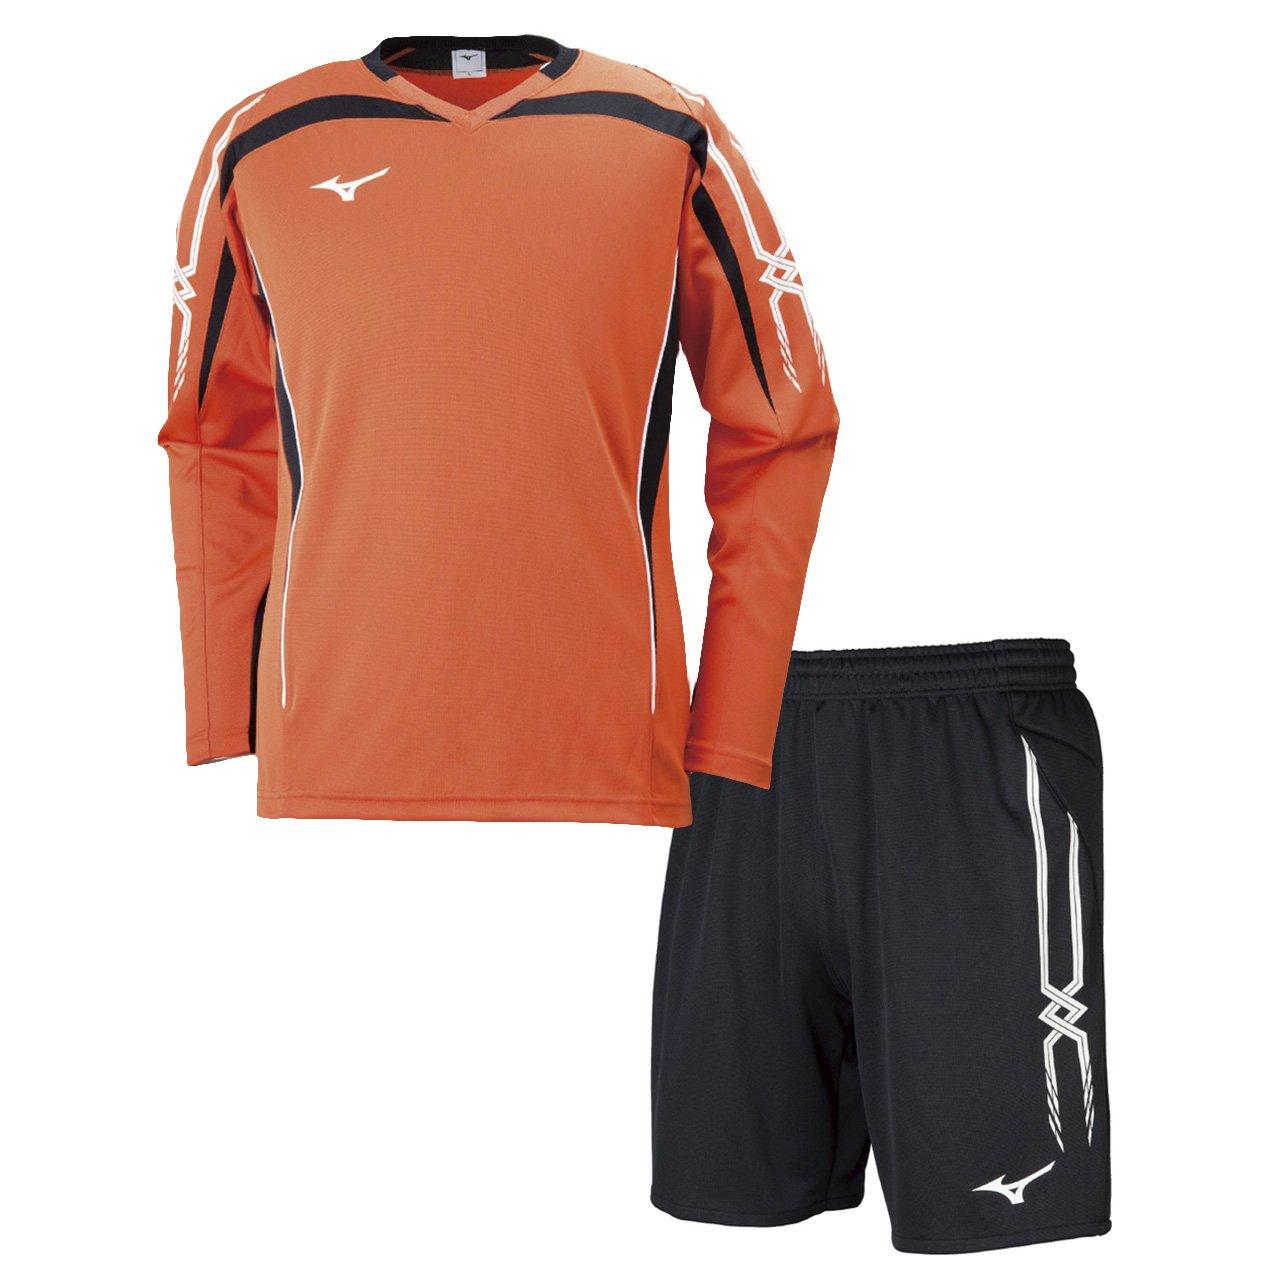 ミズノ(MIZUNO) キーパーシャツ&キーパーパンツ 上下セット(フレイムオレンジ/ブラック) P2MA8070-54-P2MB8070-09 B079YYHK2X M|フレイムオレンジ×ブラック フレイムオレンジ×ブラック M